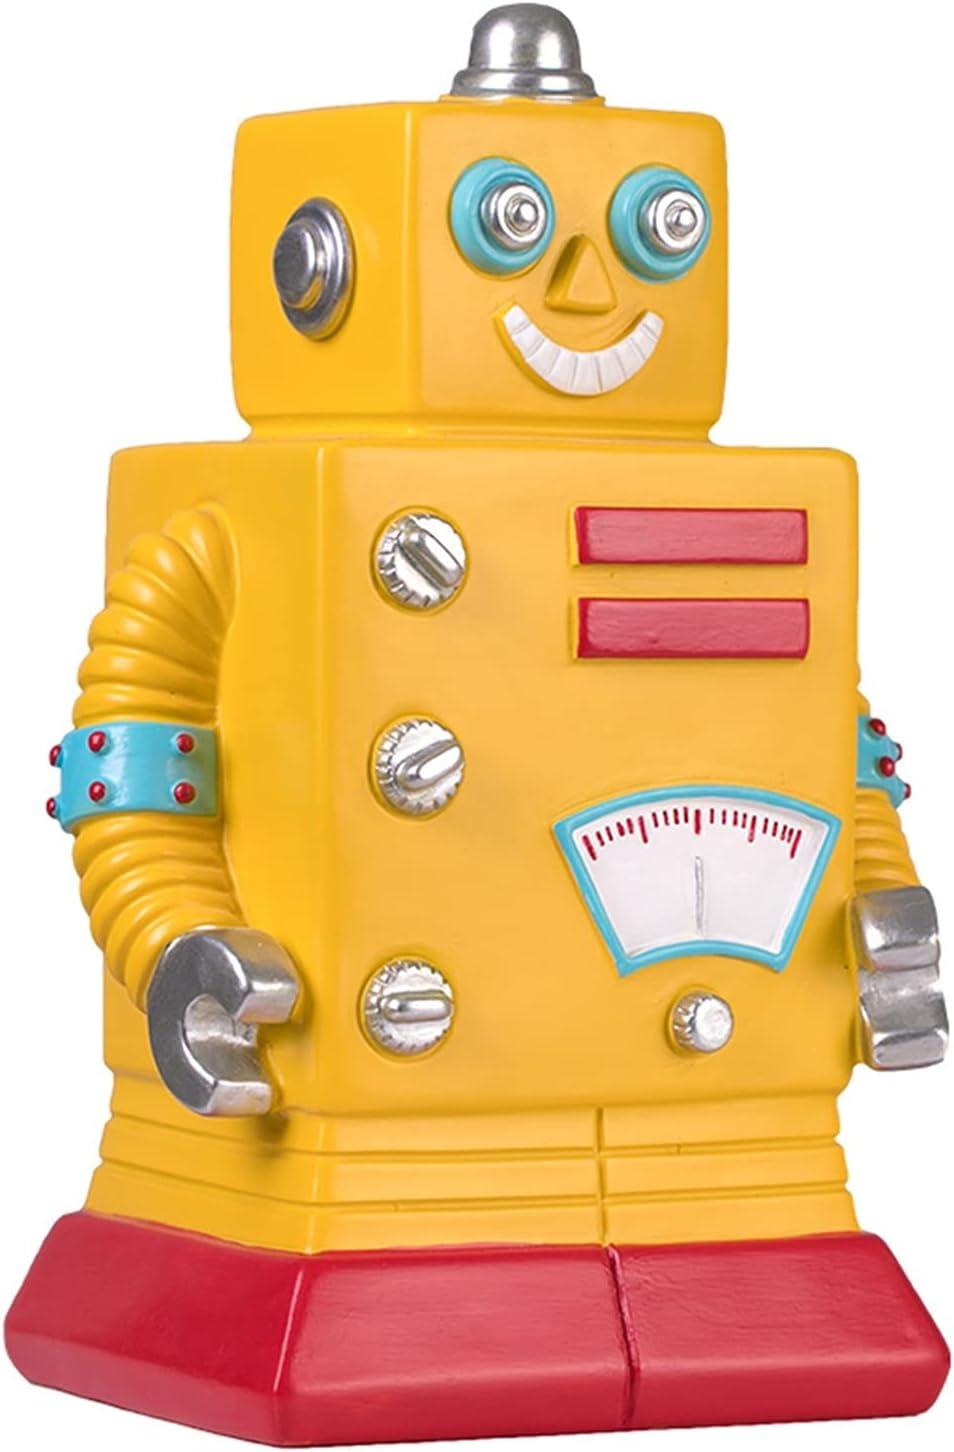 LUYIYI Caja de ahorros de Robot de Robot de Dibujos Animados de Historieta de Historieta de Historieta para niños para niños Adornos de decoración de Escritorio